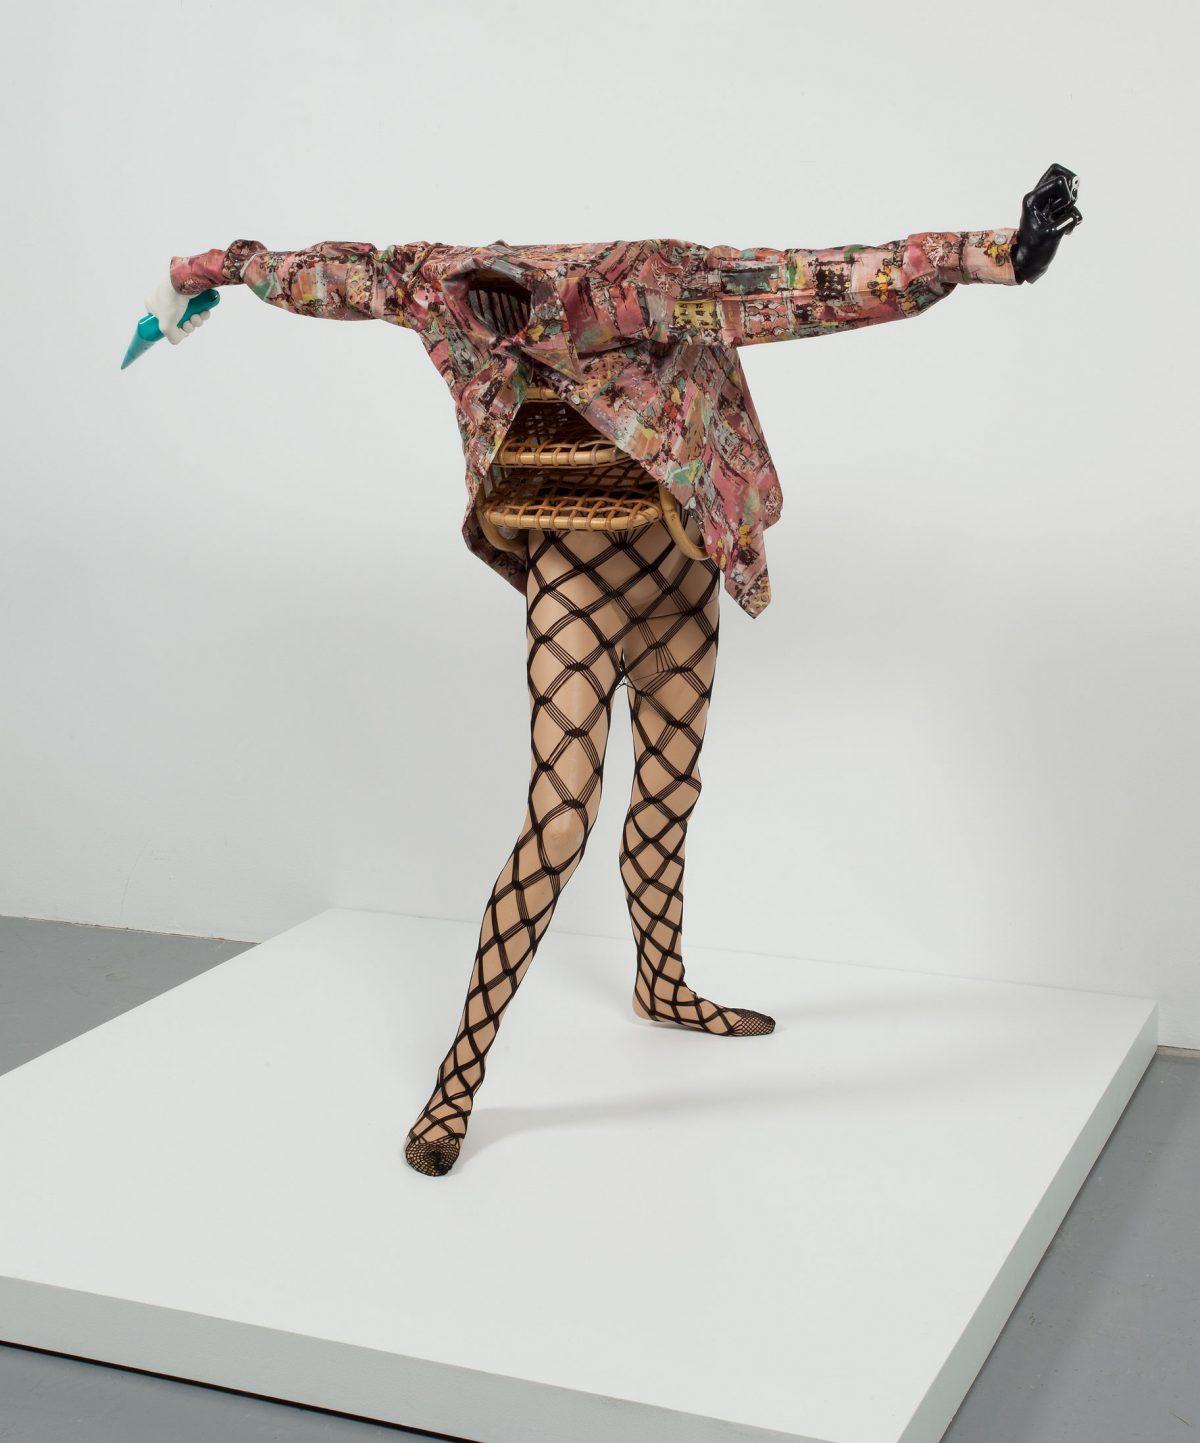 Femme panier, 2010, Valérie Blass, Mannequin, panier, plâtre, outil, collant et chemise.